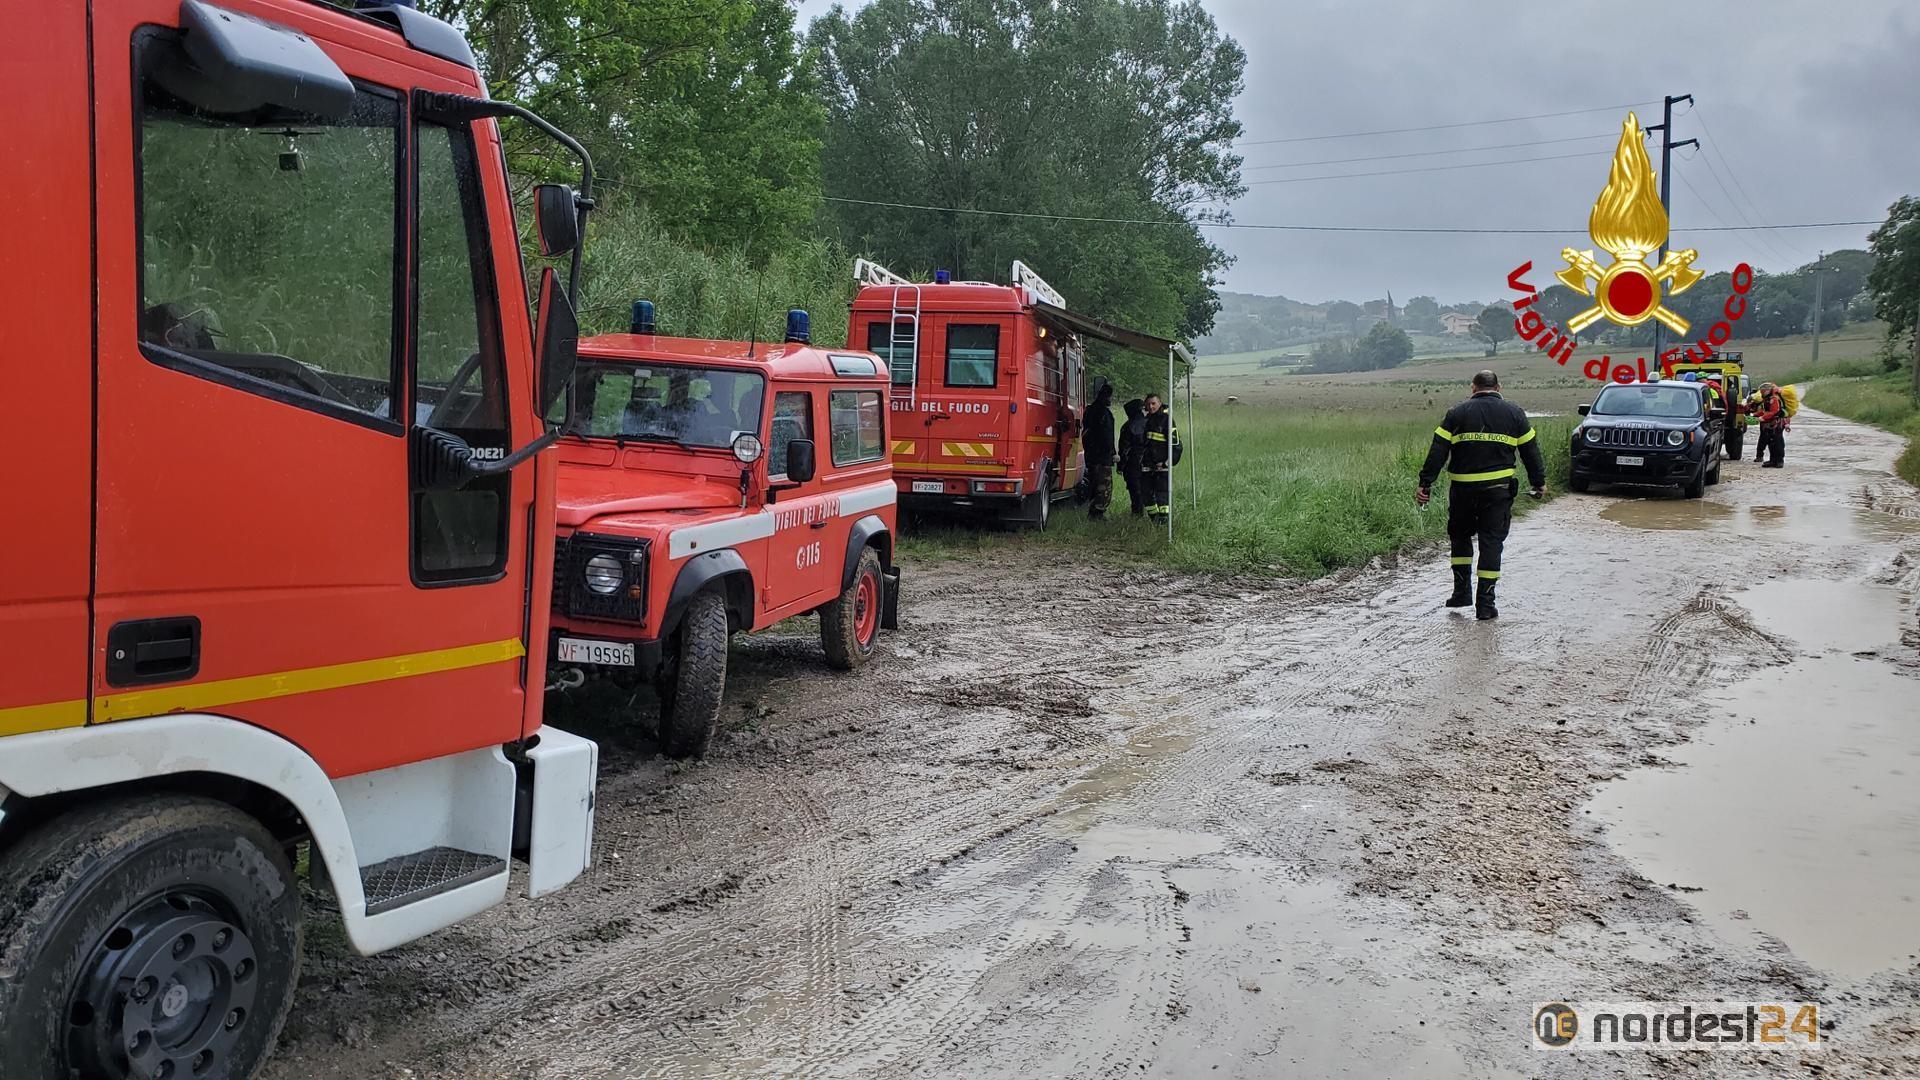 Ragazzo scomparso a Cervignano del Friuli: ricerche disperate - Nordest24.it